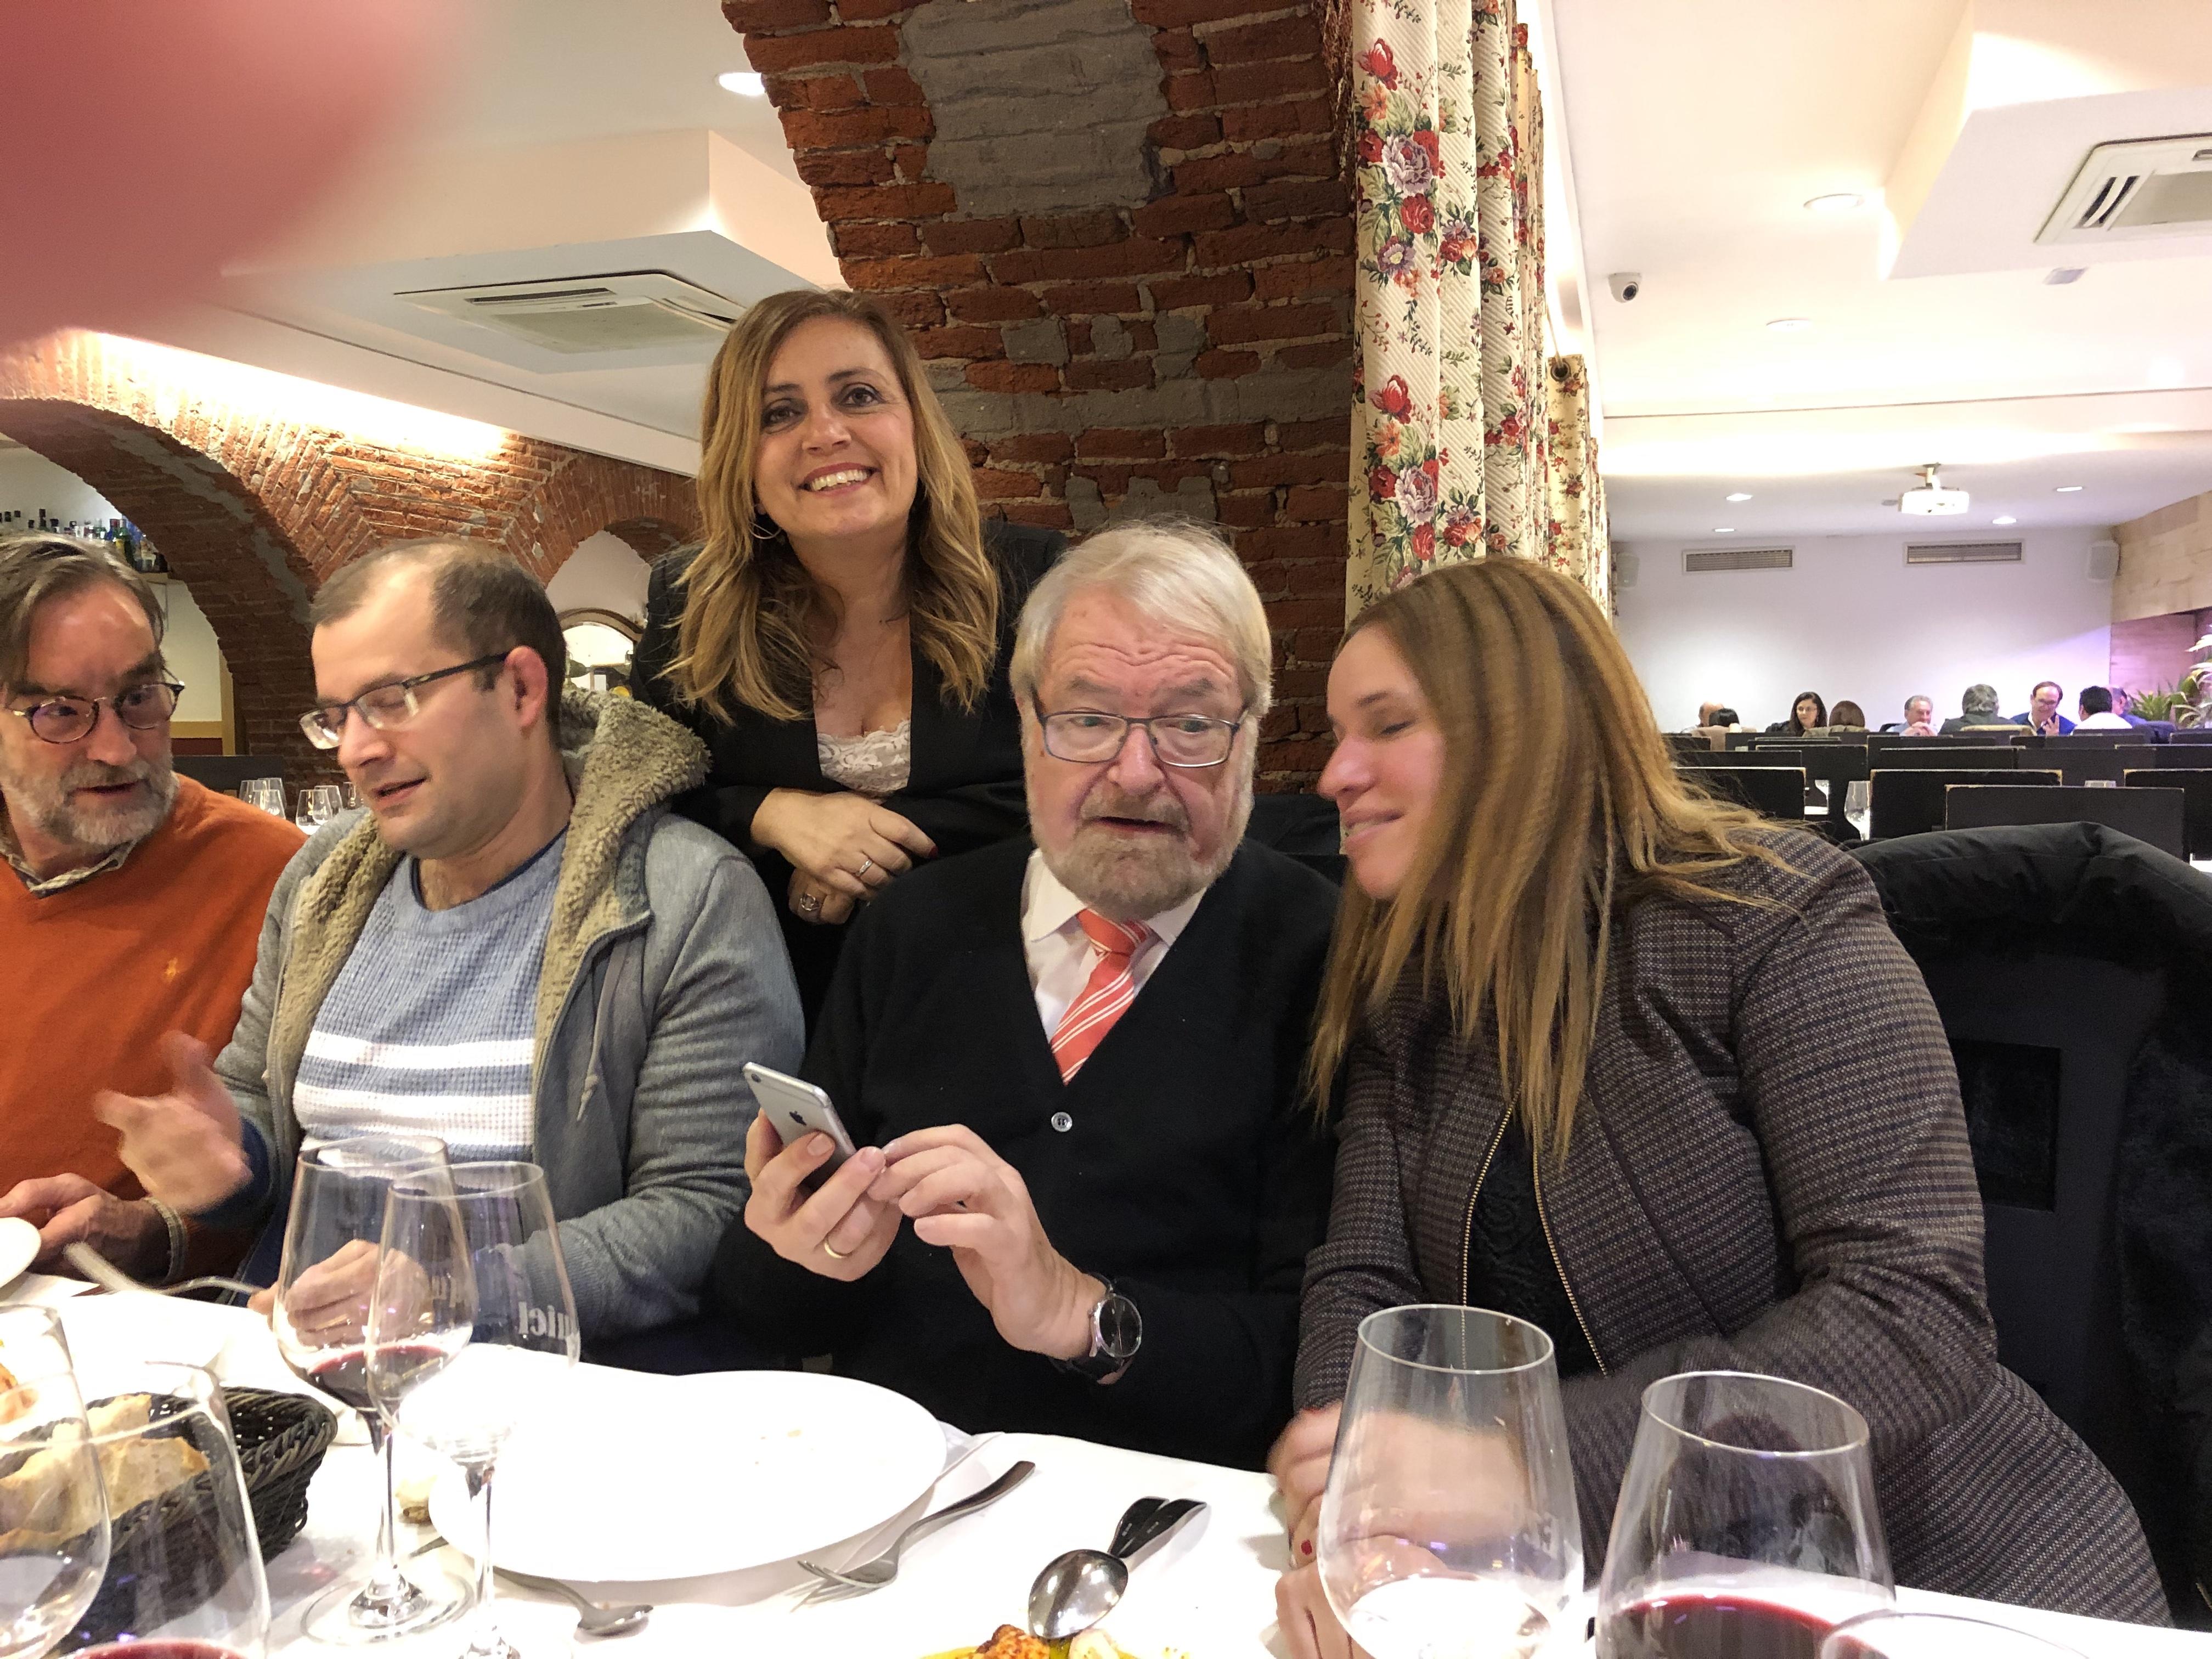 18-12-18 cena León 34 en Ezequiel. Fdo Muñ-Campos_ Greco_ Isab_ Schün_ Silv Mtnz Cantón